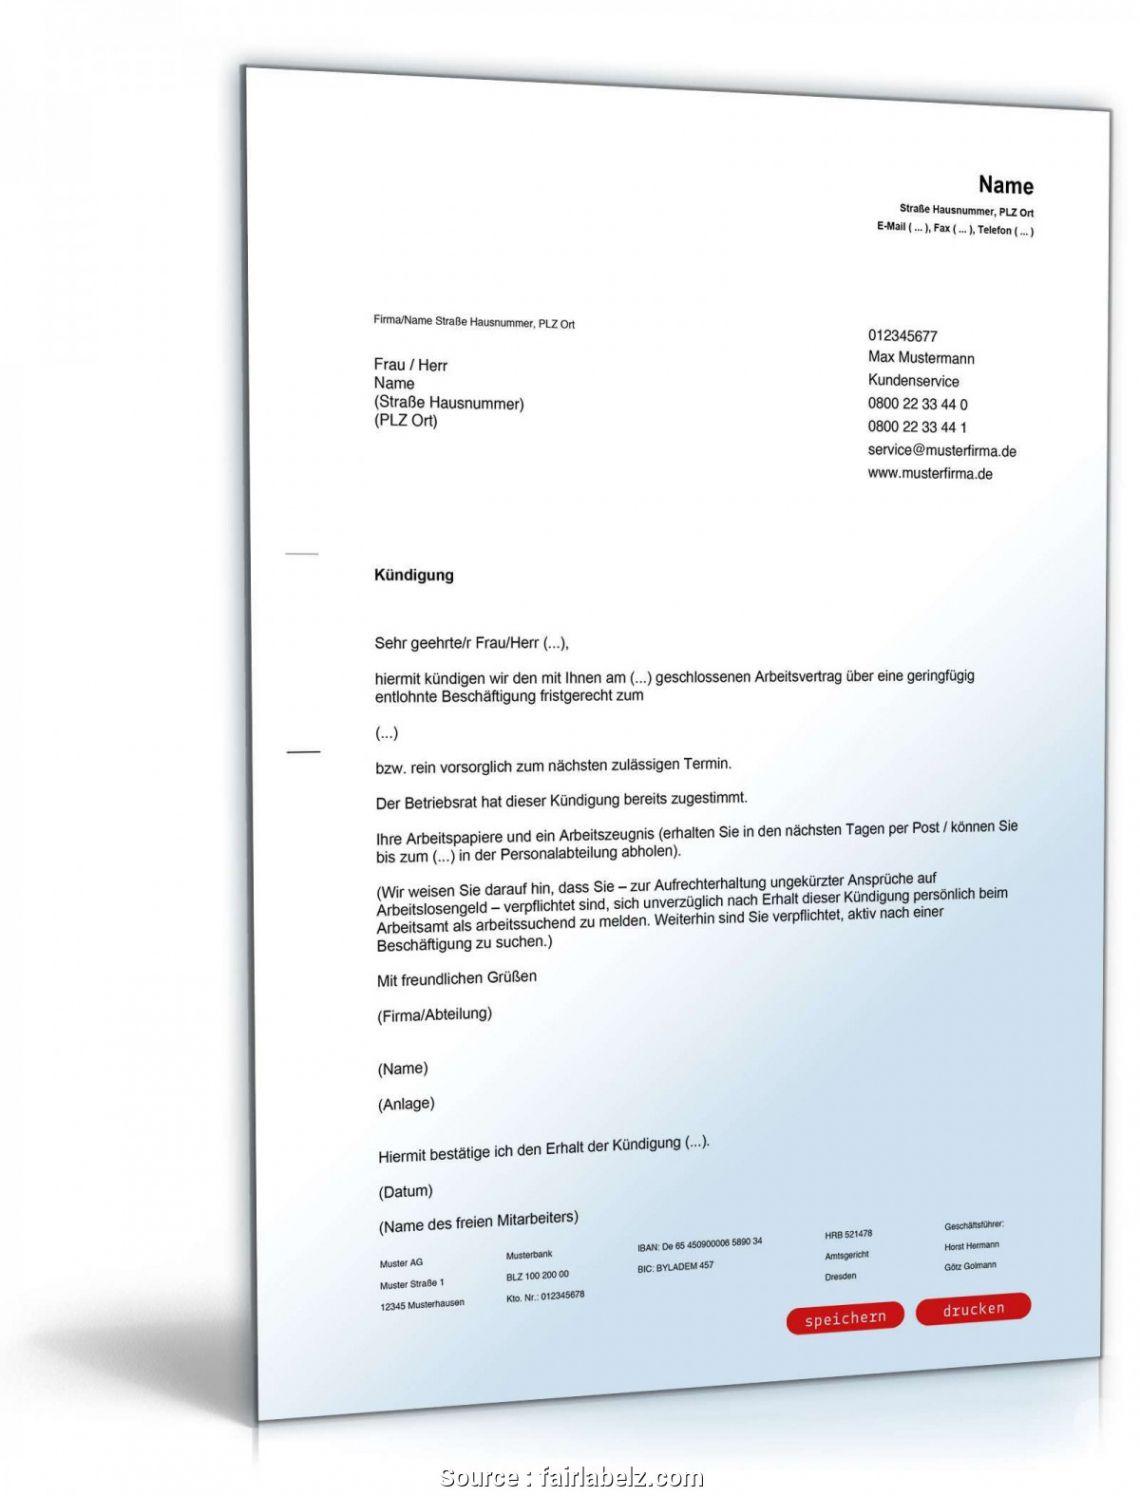 Blattern Unsere Druckbar Von Teilzeitarbeitsvertrag Vertragsvorlage Vorlagen Word Finanzen Vorlagen Lebenslauf